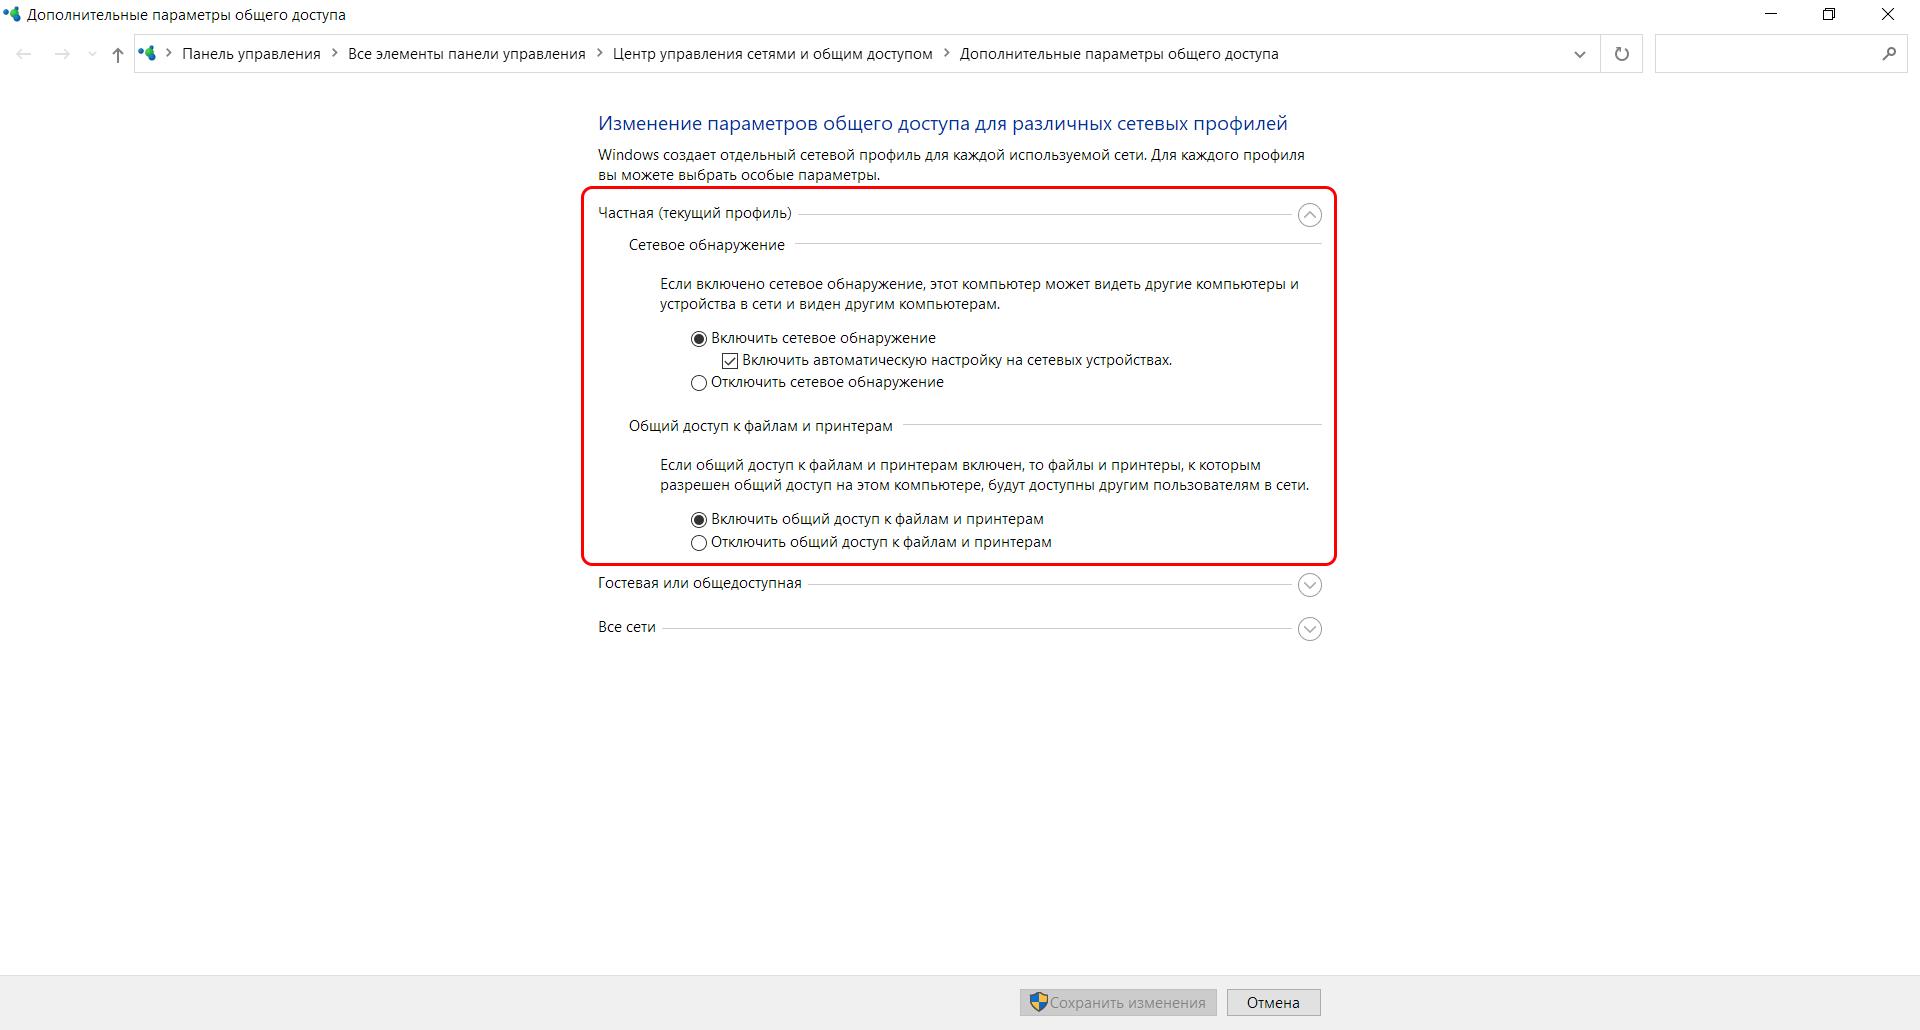 Параметры общего доступа в Windows 10